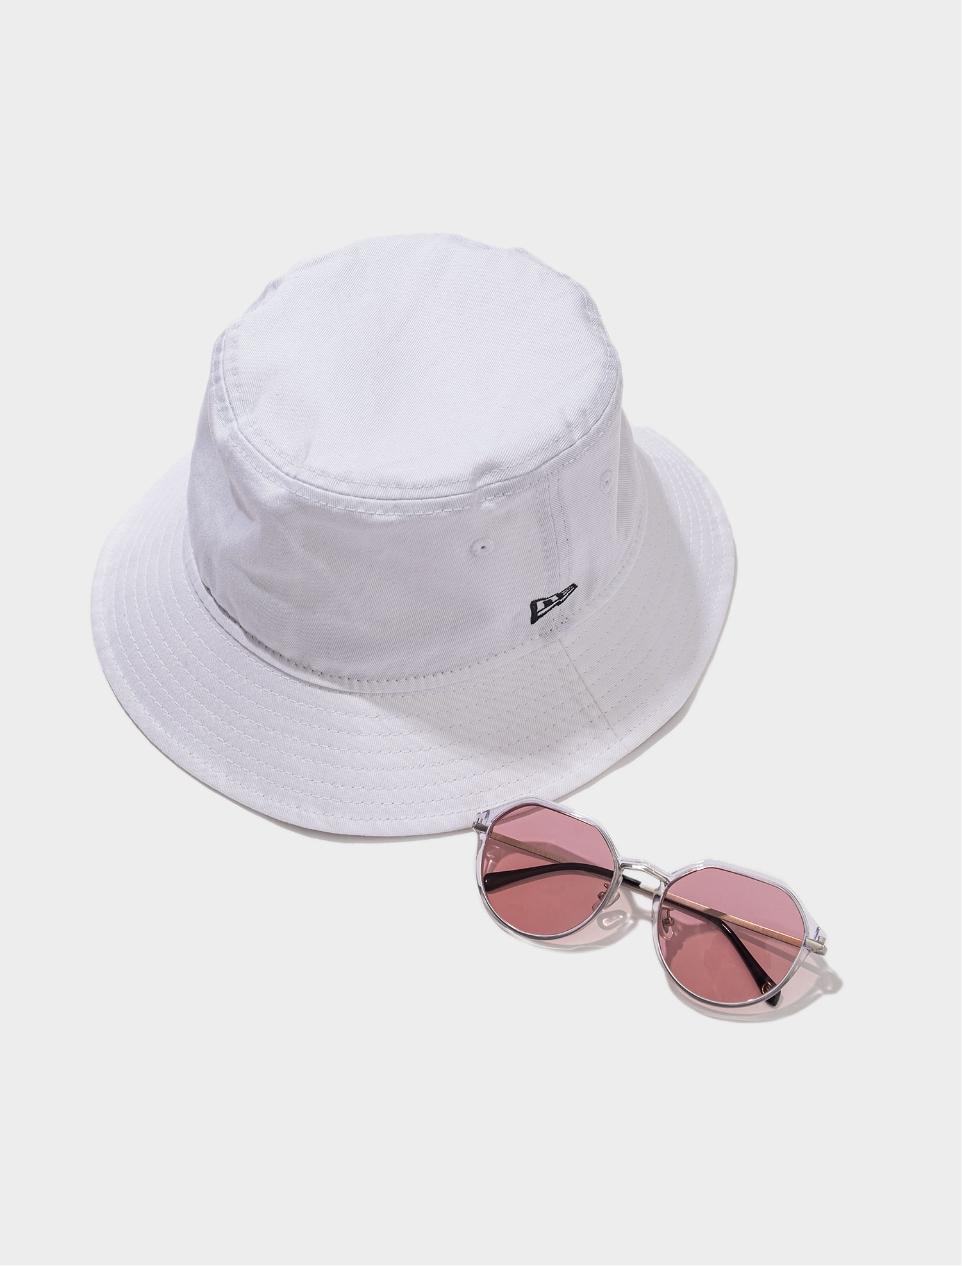 バケット01 コットン(ヘッドウェア/ハット/バケットハット) × SNP1011N-1S C3(メガネ/眼鏡/めがね) おすすめの組み合わせ